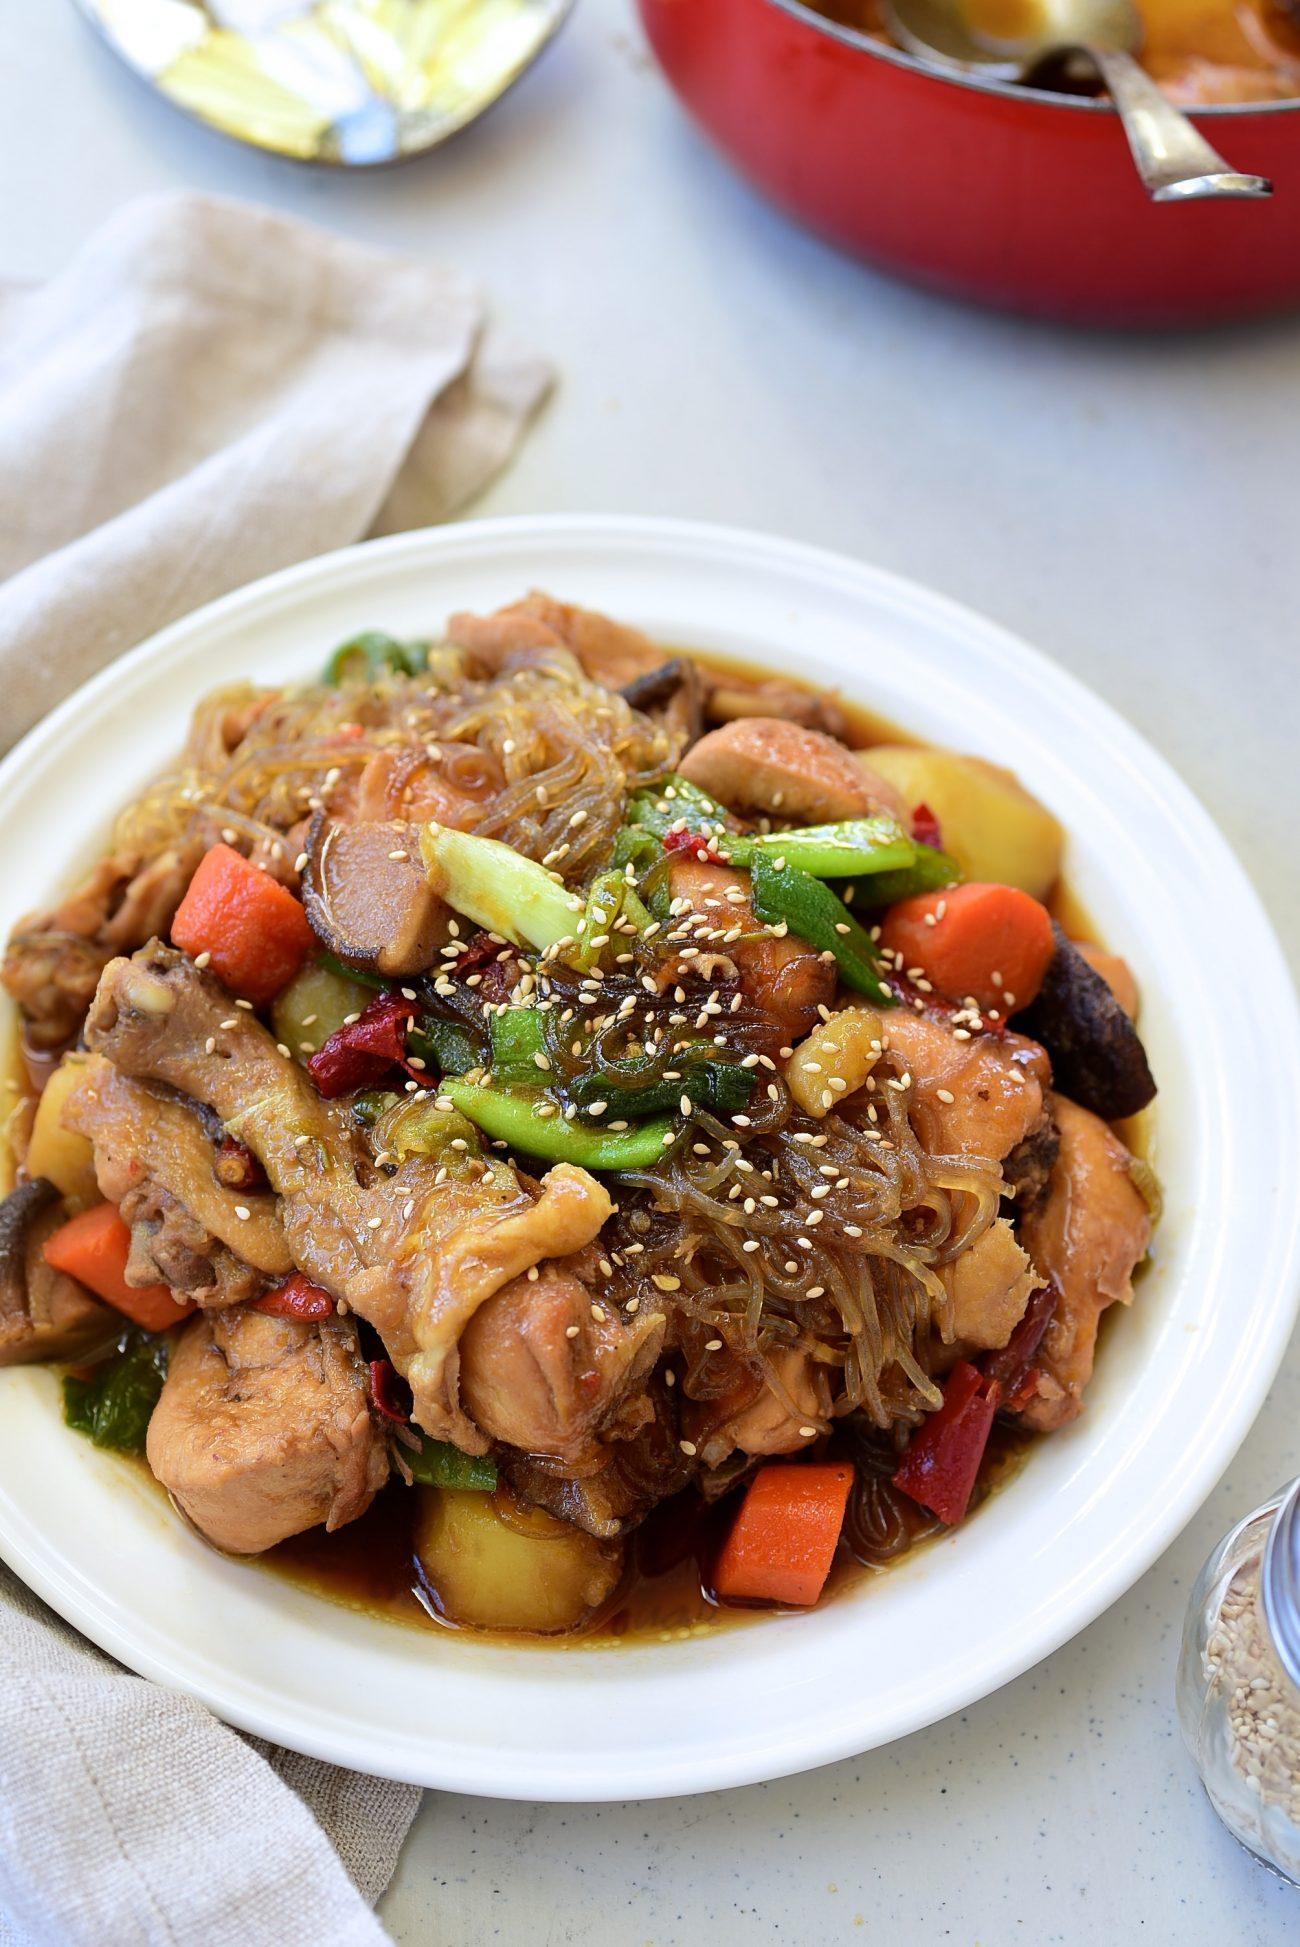 DSC 3285 e1613667285186 - Jjimdak (Korean Braised chicken)